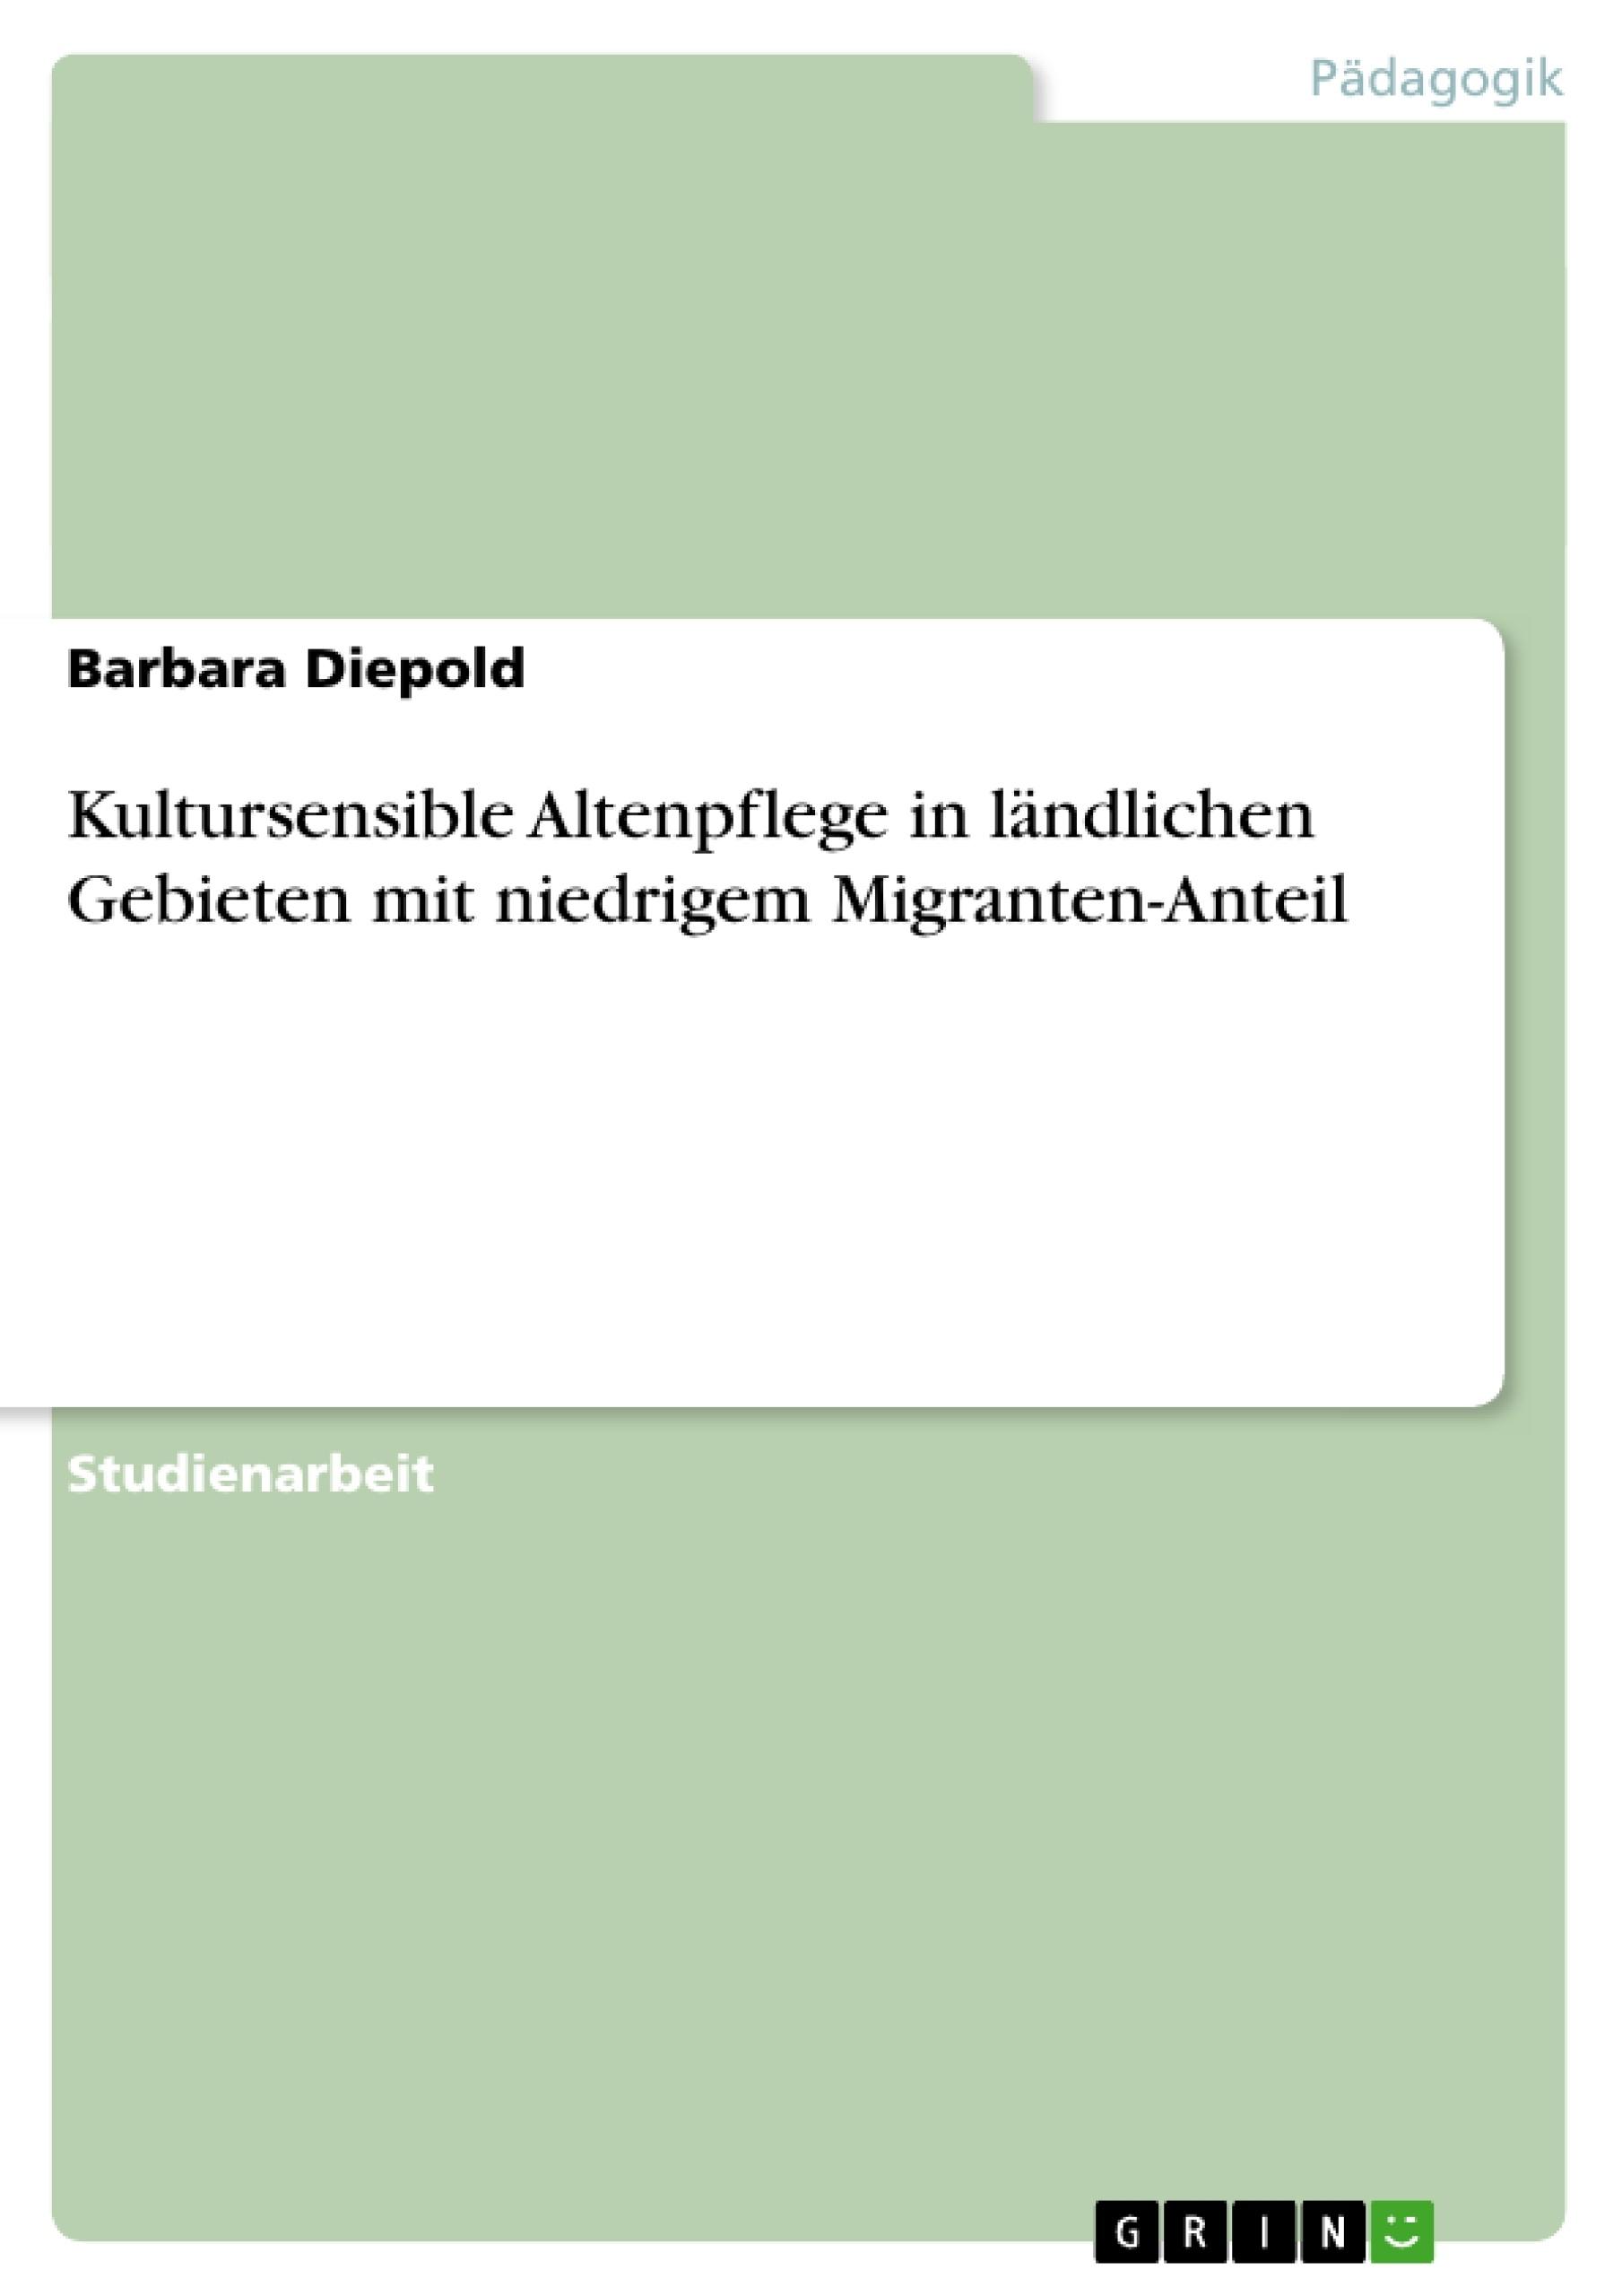 Titel: Kultursensible Altenpflege in ländlichen Gebieten mit niedrigem Migranten-Anteil